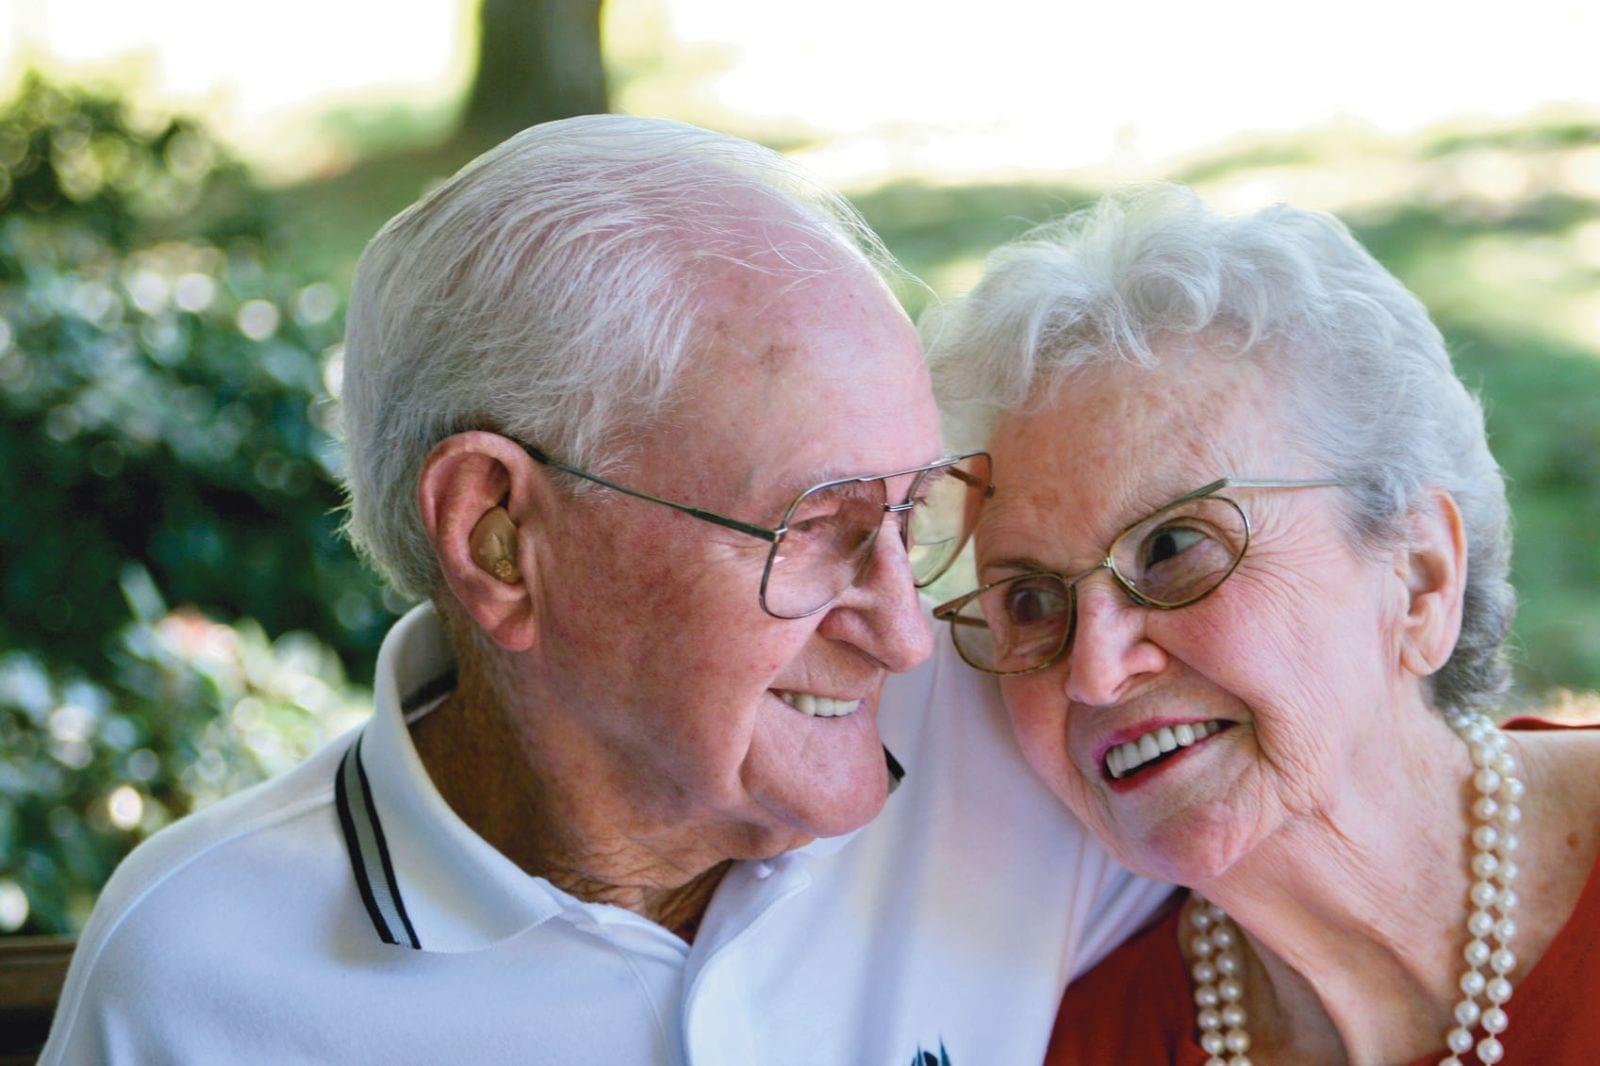 http://dom-lesiv.hr/wp-content/uploads/2021/05/older_people_2.jpeg